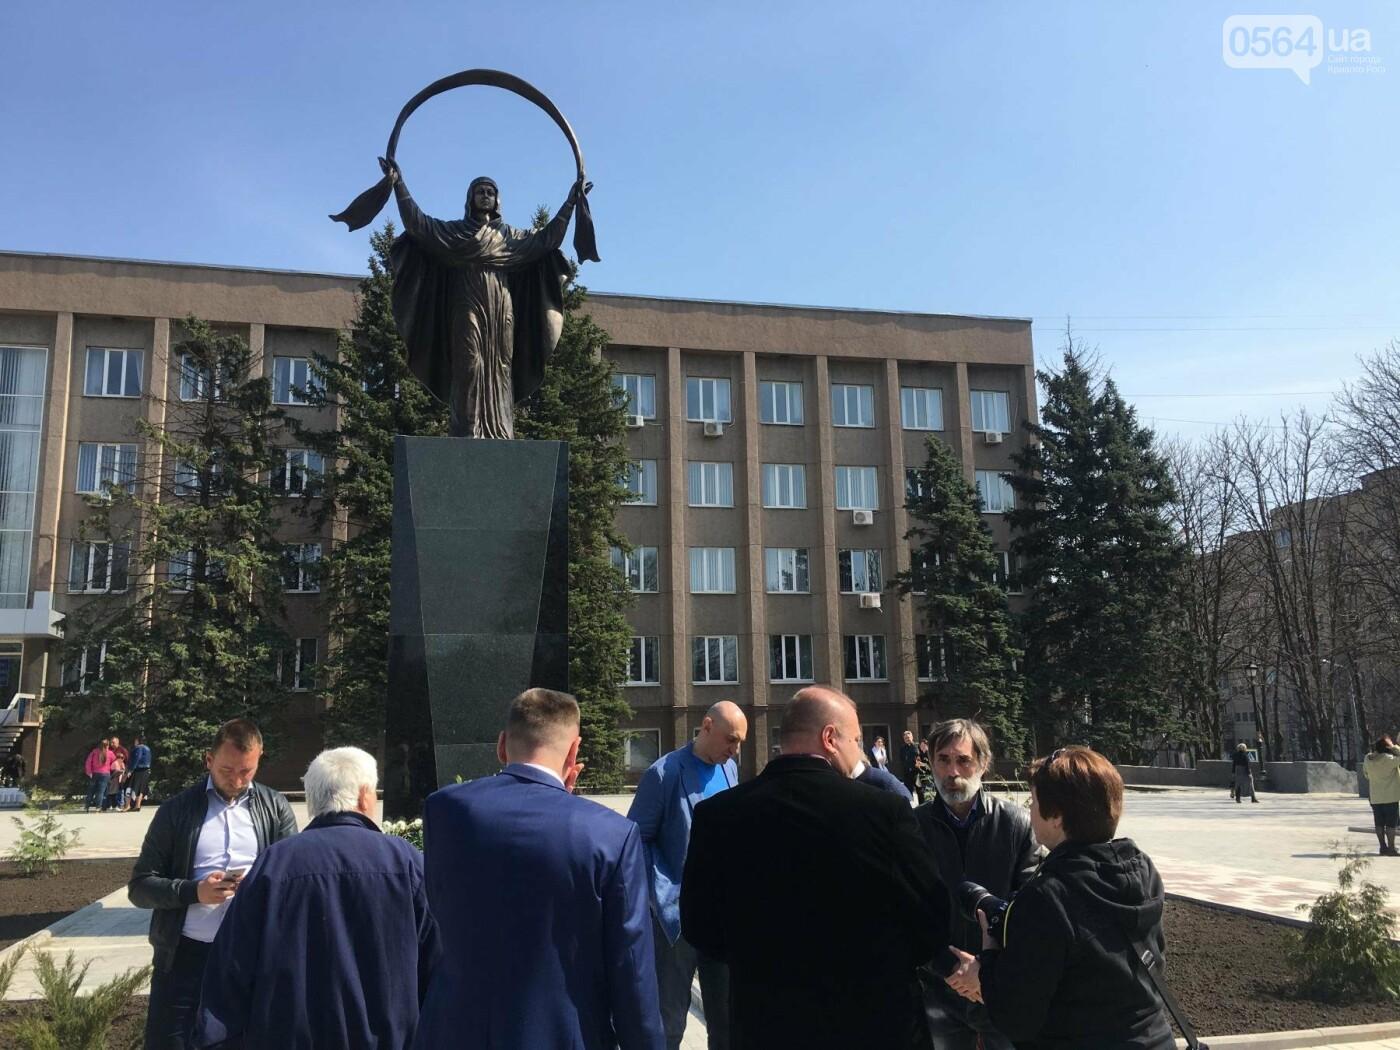 На Благовещение в Кривом Роге открыли памятник покровительнице украинских козаков (ФОТО, ВИДЕО), фото-20